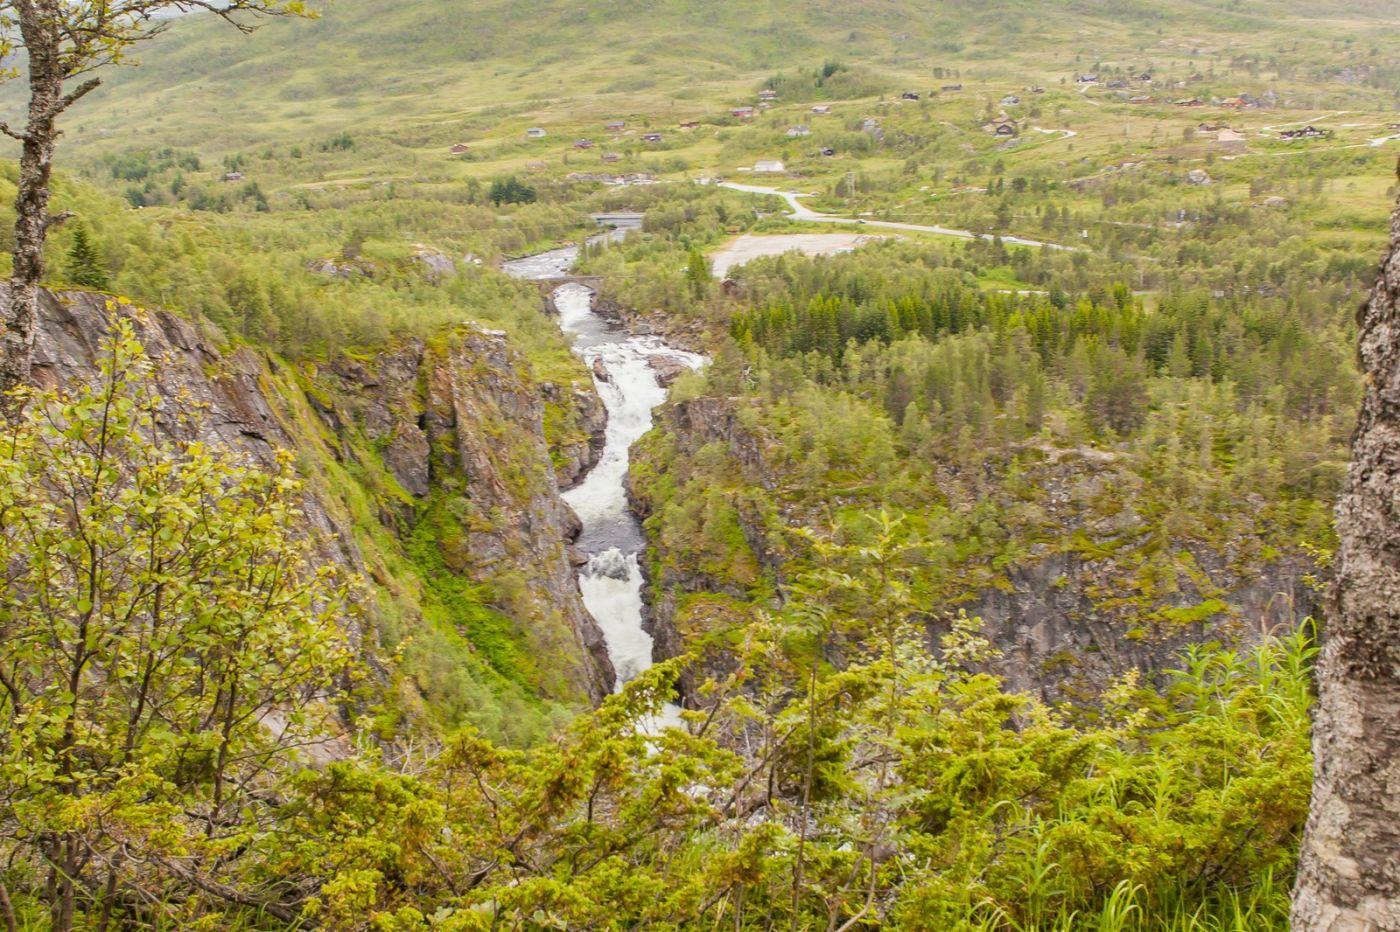 北欧风光,高山瀑布一泻千里_图1-7